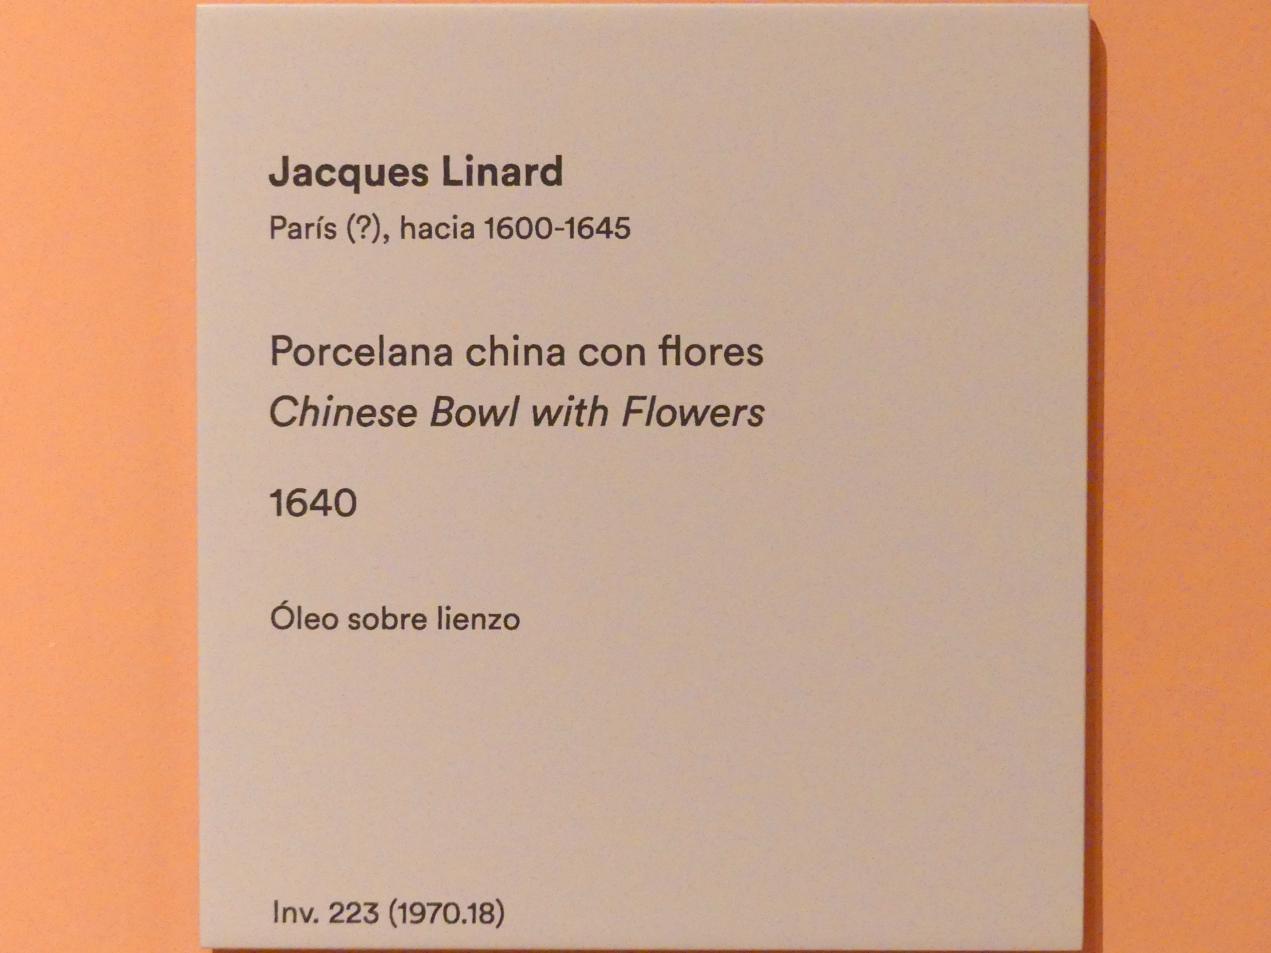 Jacques Linard: Chinesische Schüssel mit Blumen, 1640, Bild 2/2